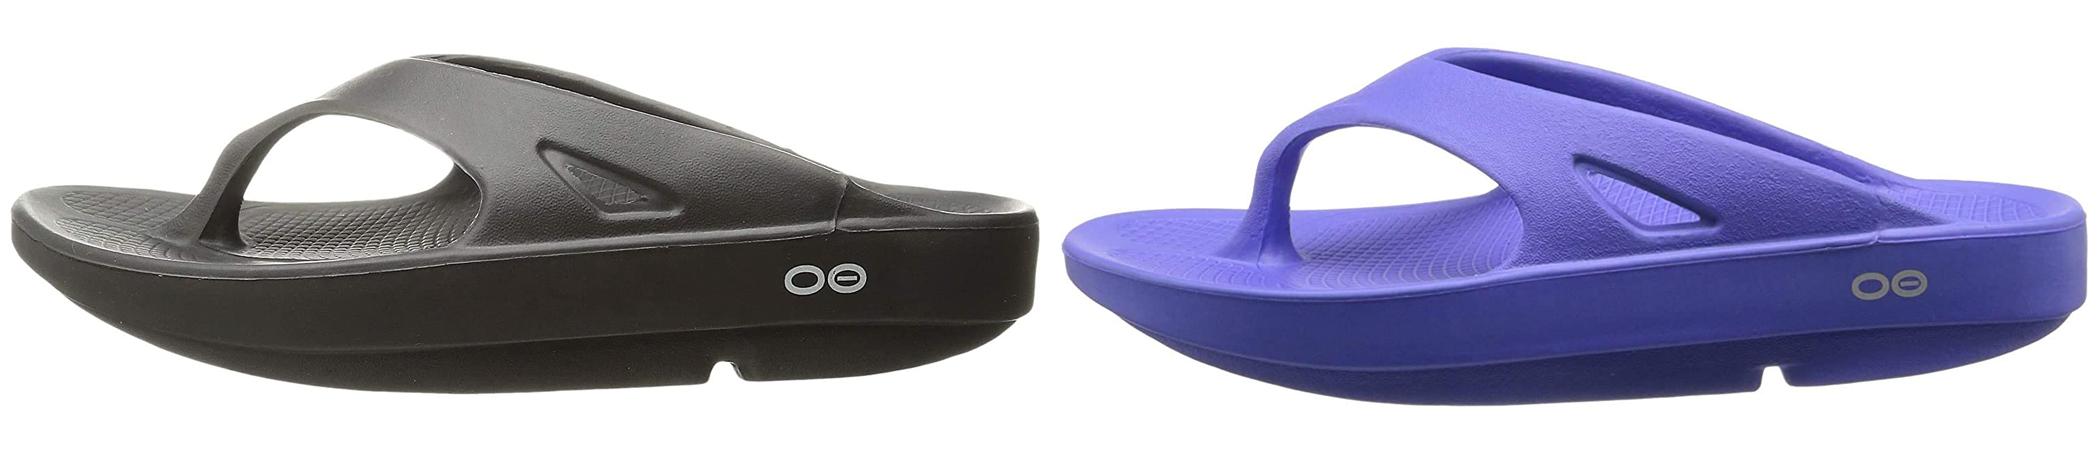 oofos original sandals